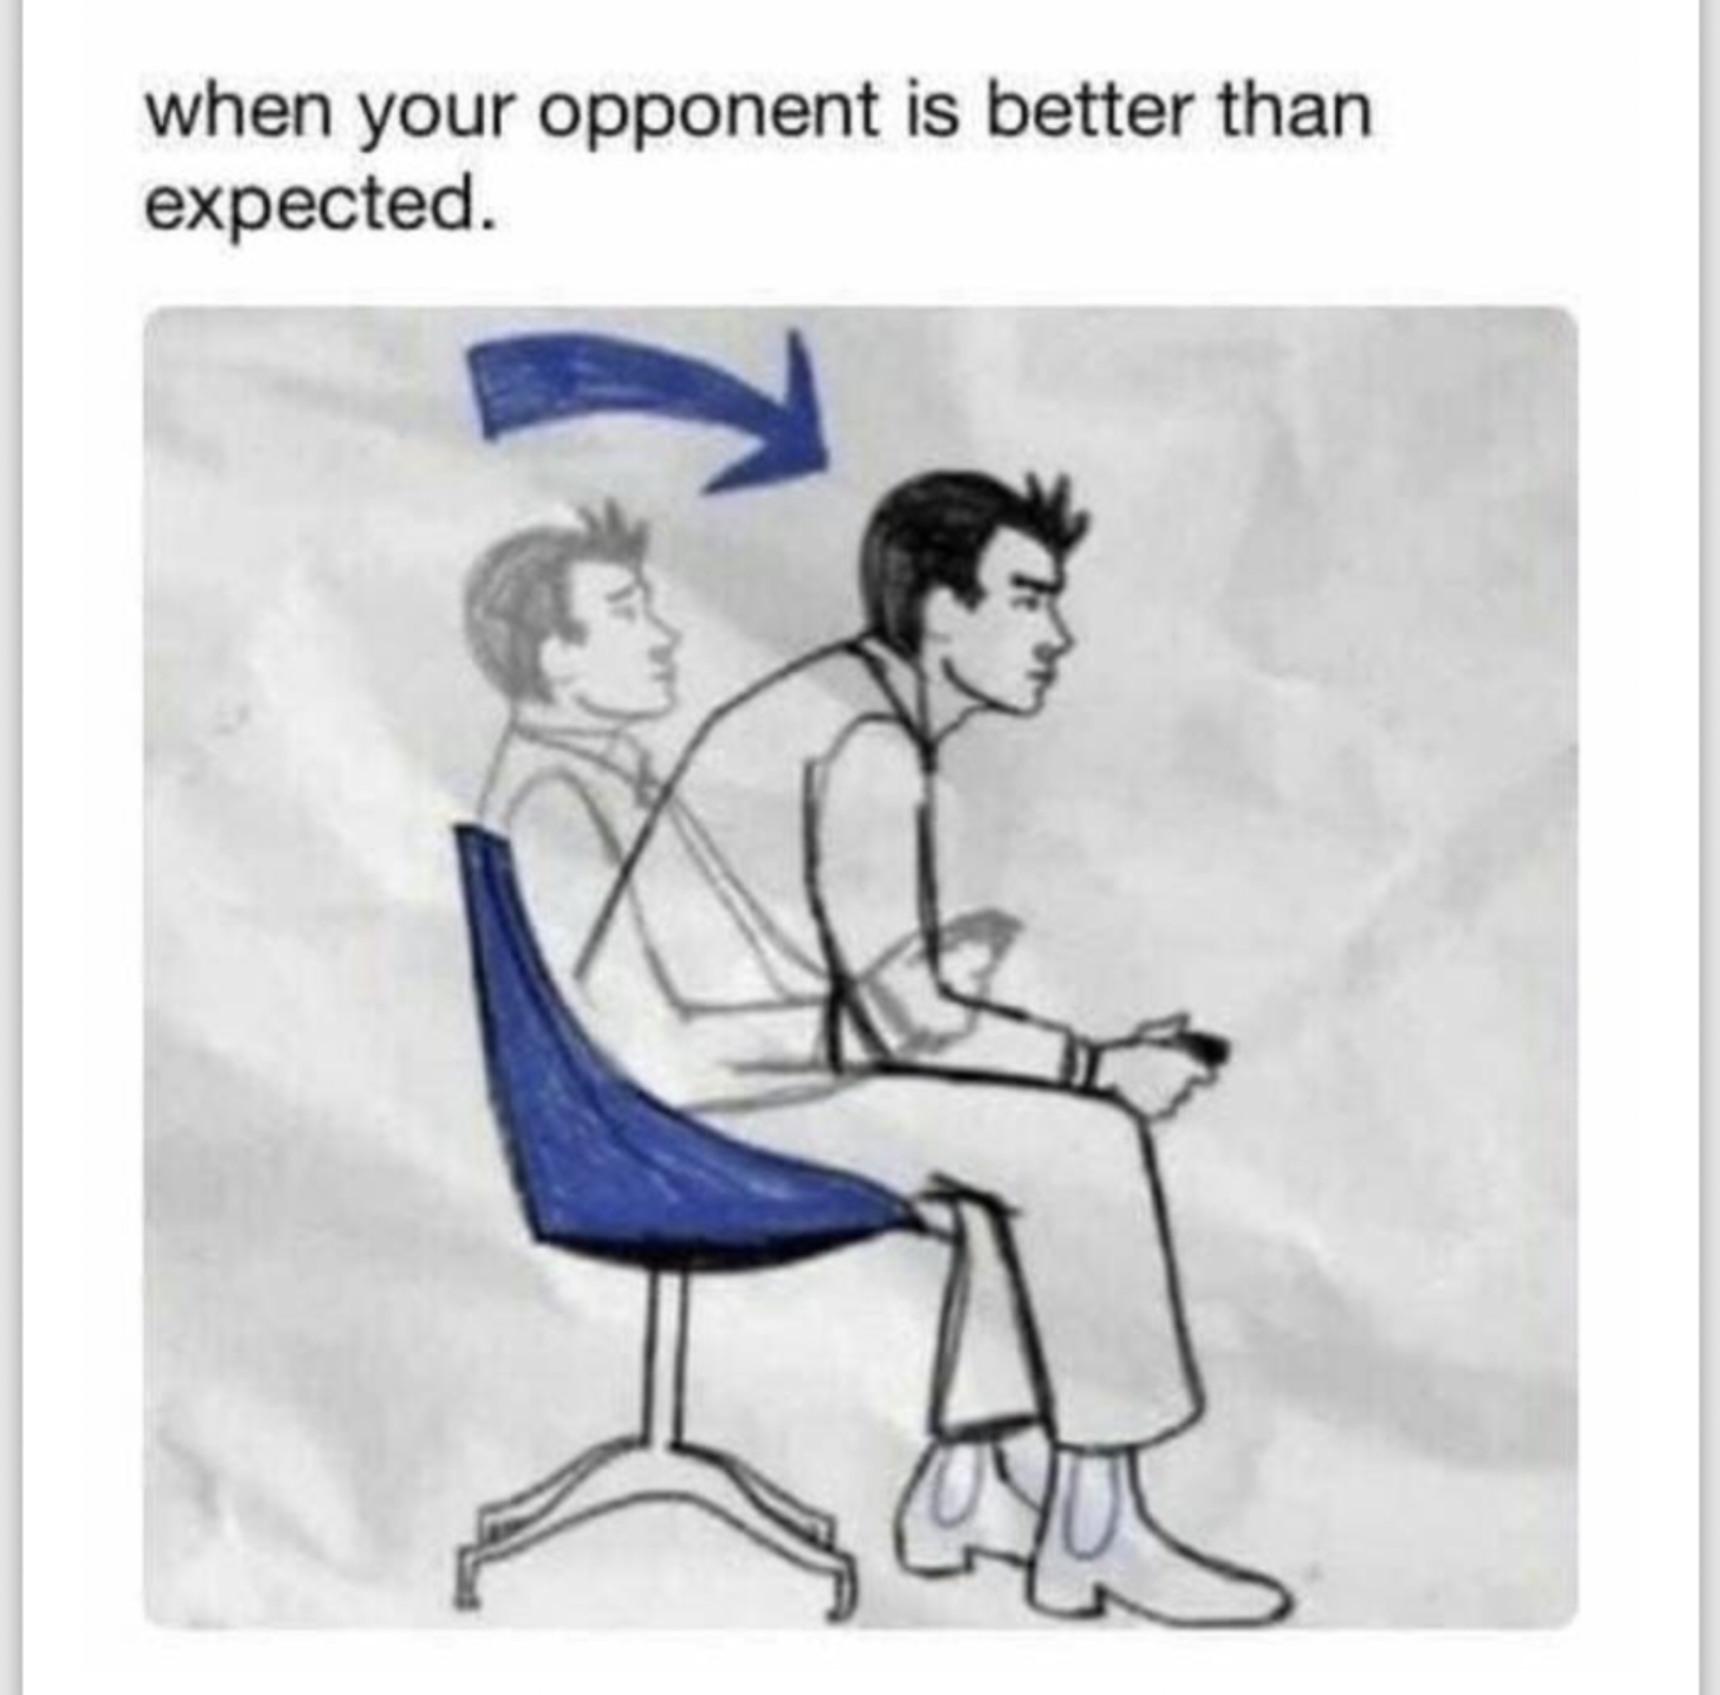 Gamer moments - meme